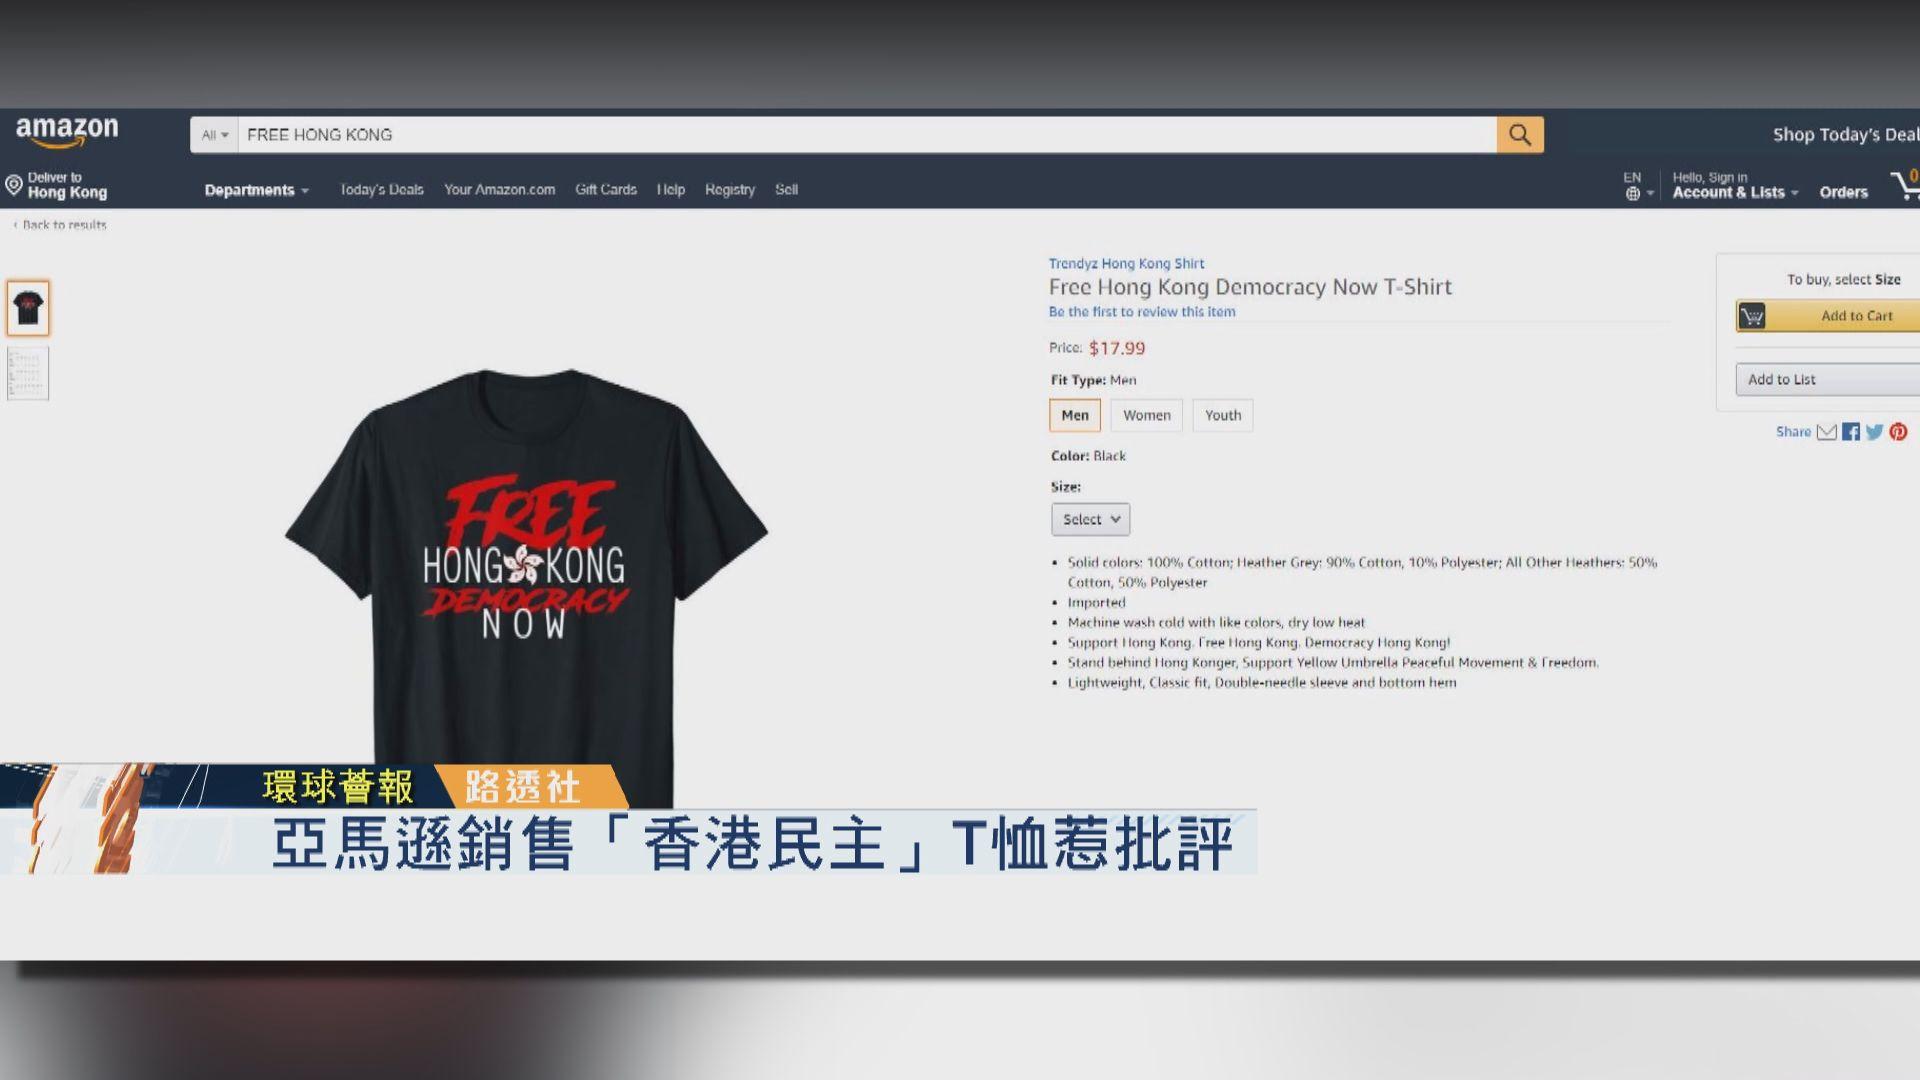 【環球薈報】亞馬遜銷售「香港民主」T恤惹批評